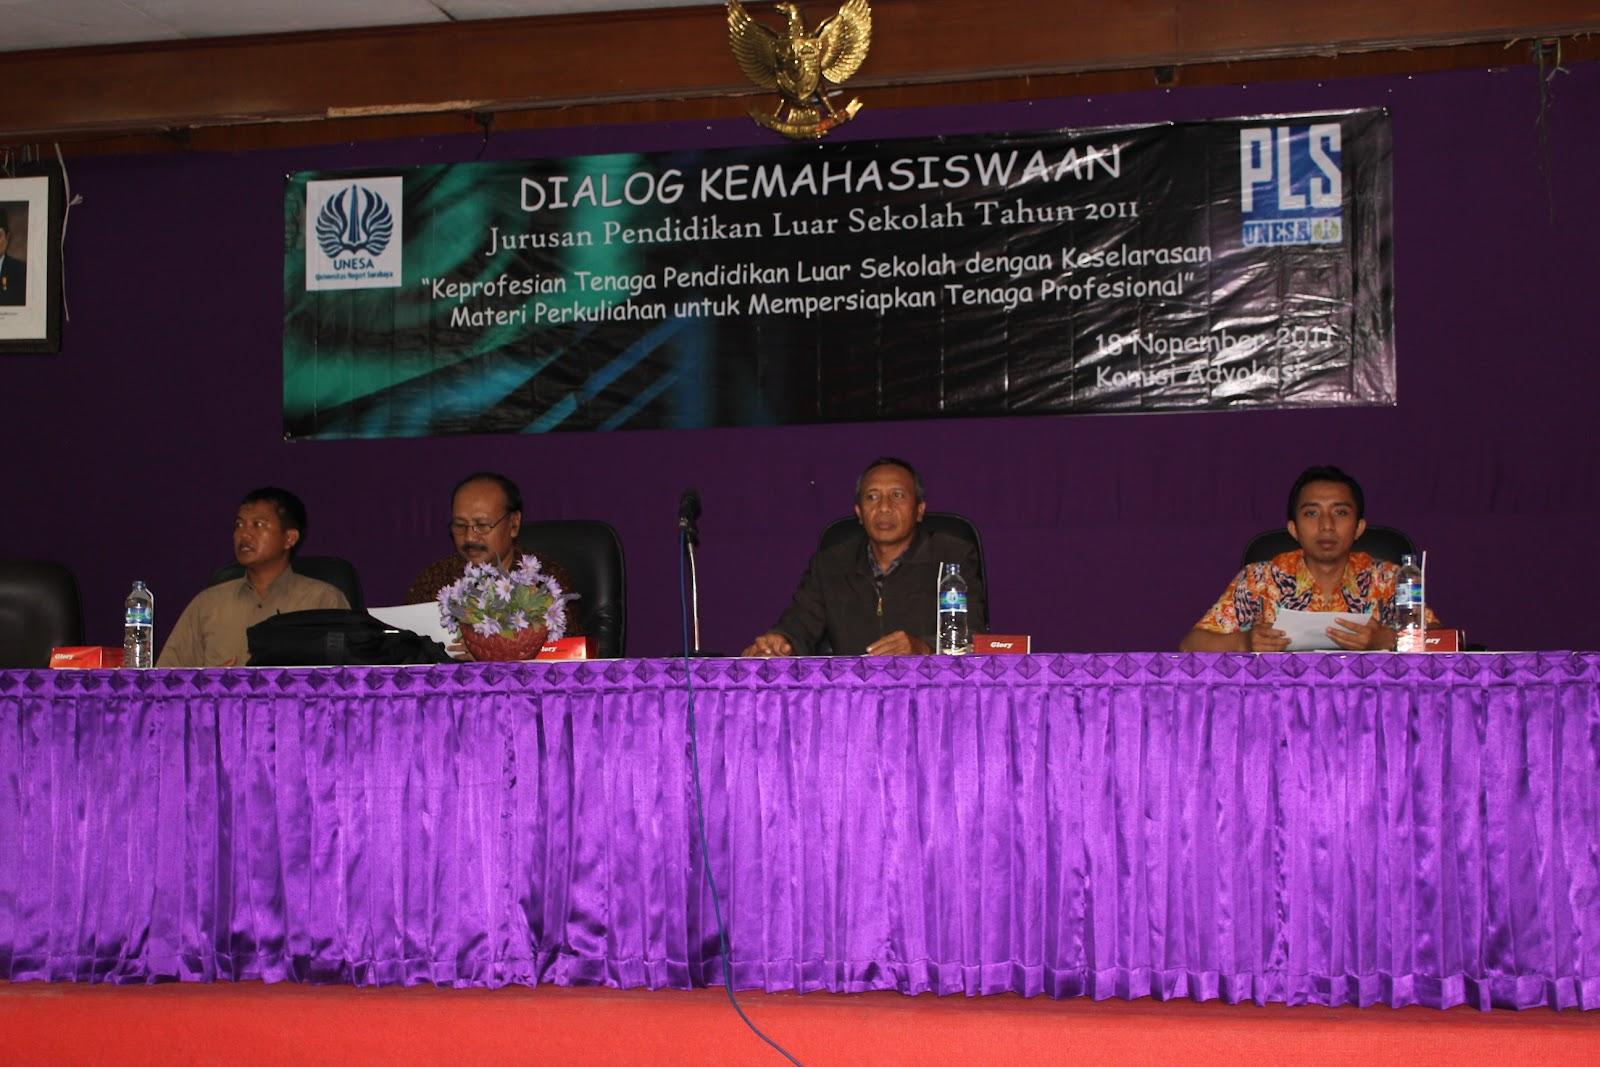 Dialog Kemahasiswaan Jurusan PLS Unesa